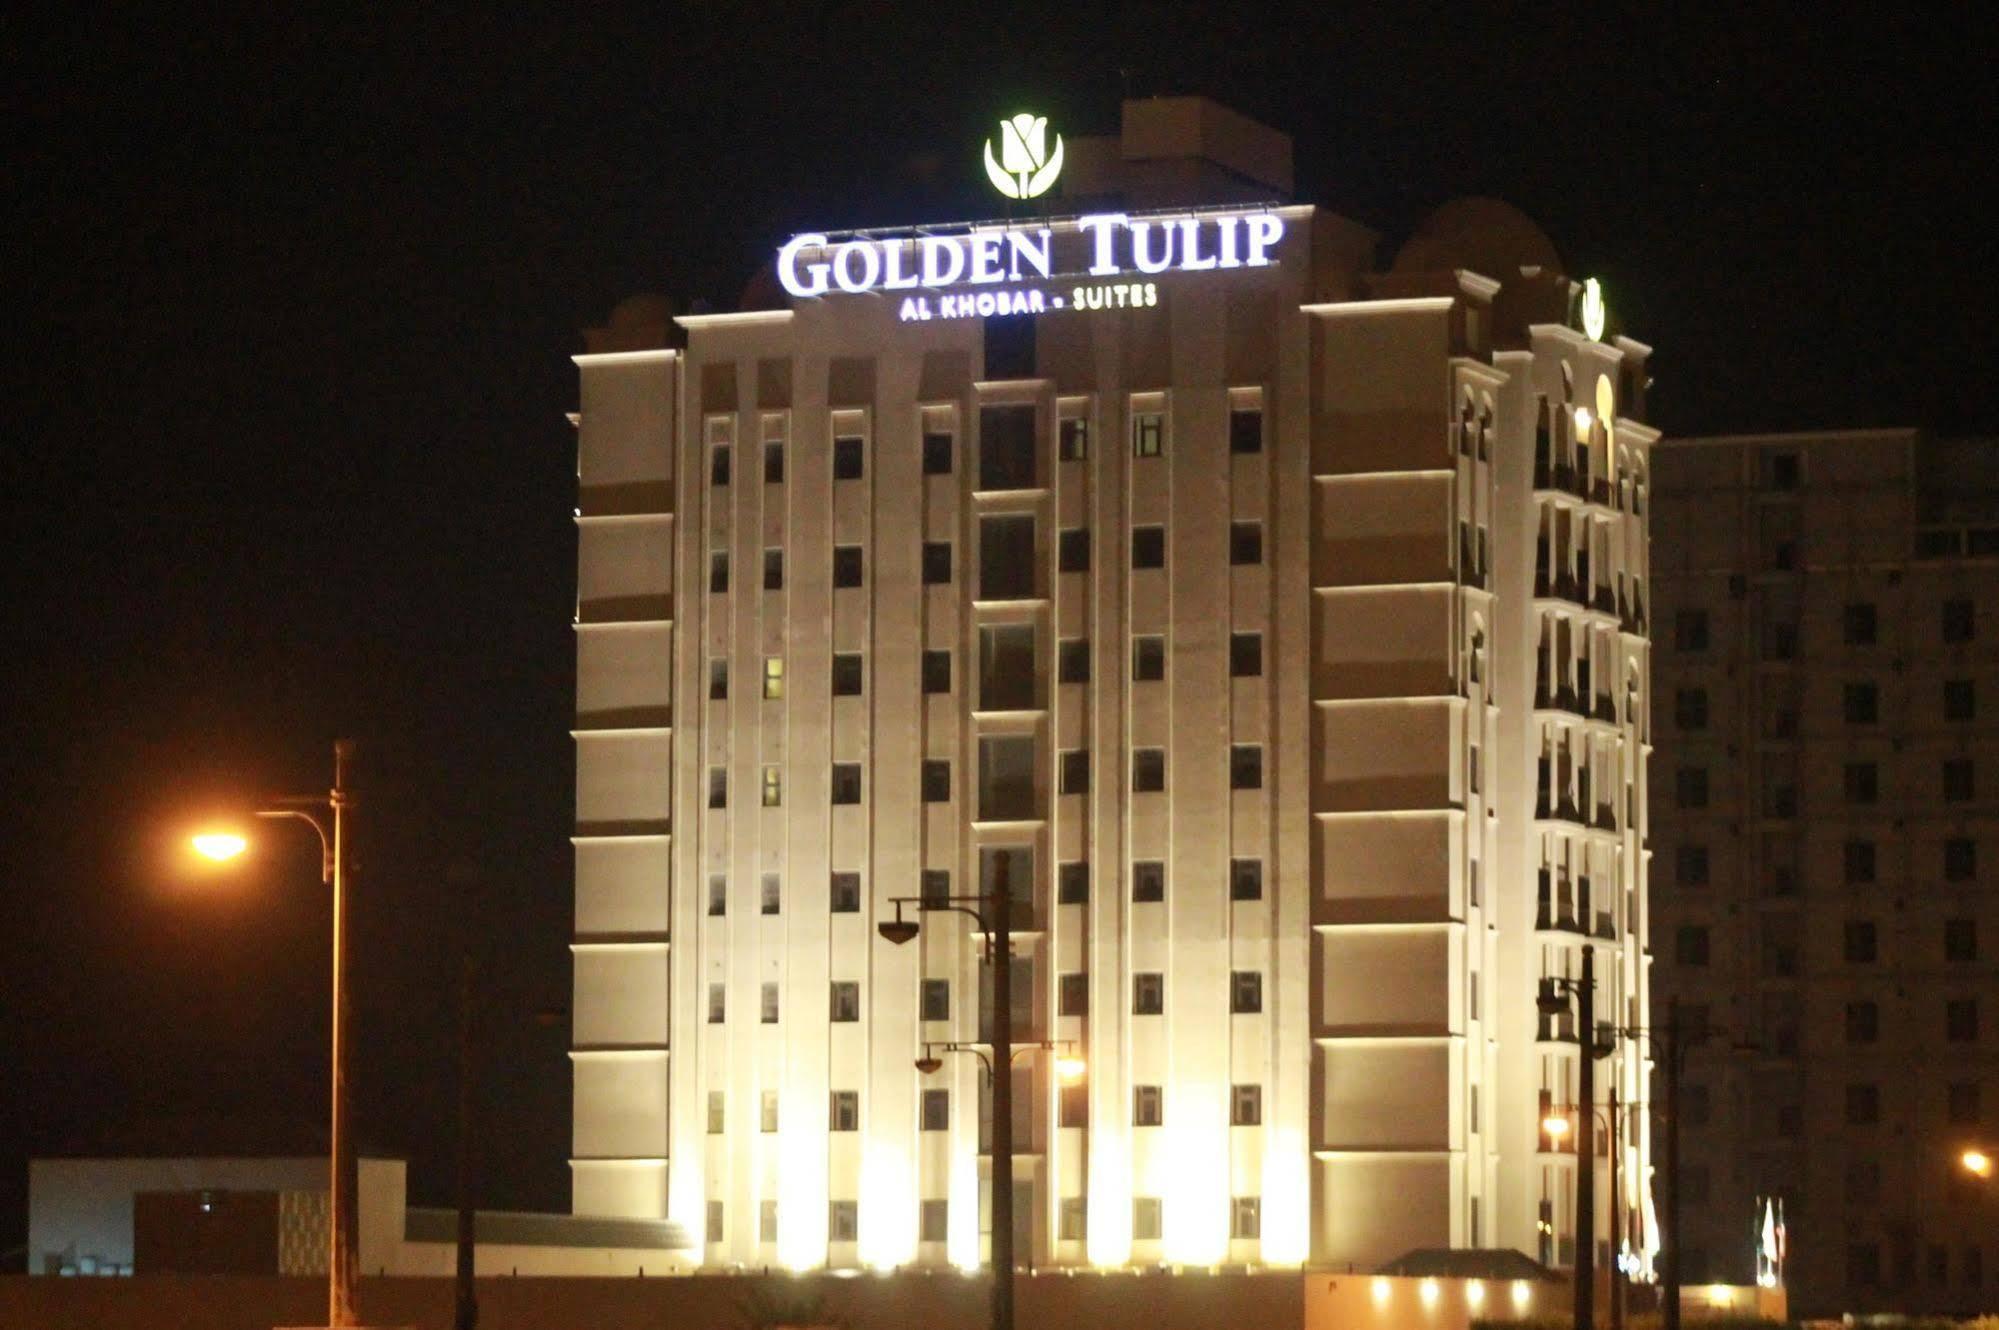 Golden Tulip Al Khobar Suites